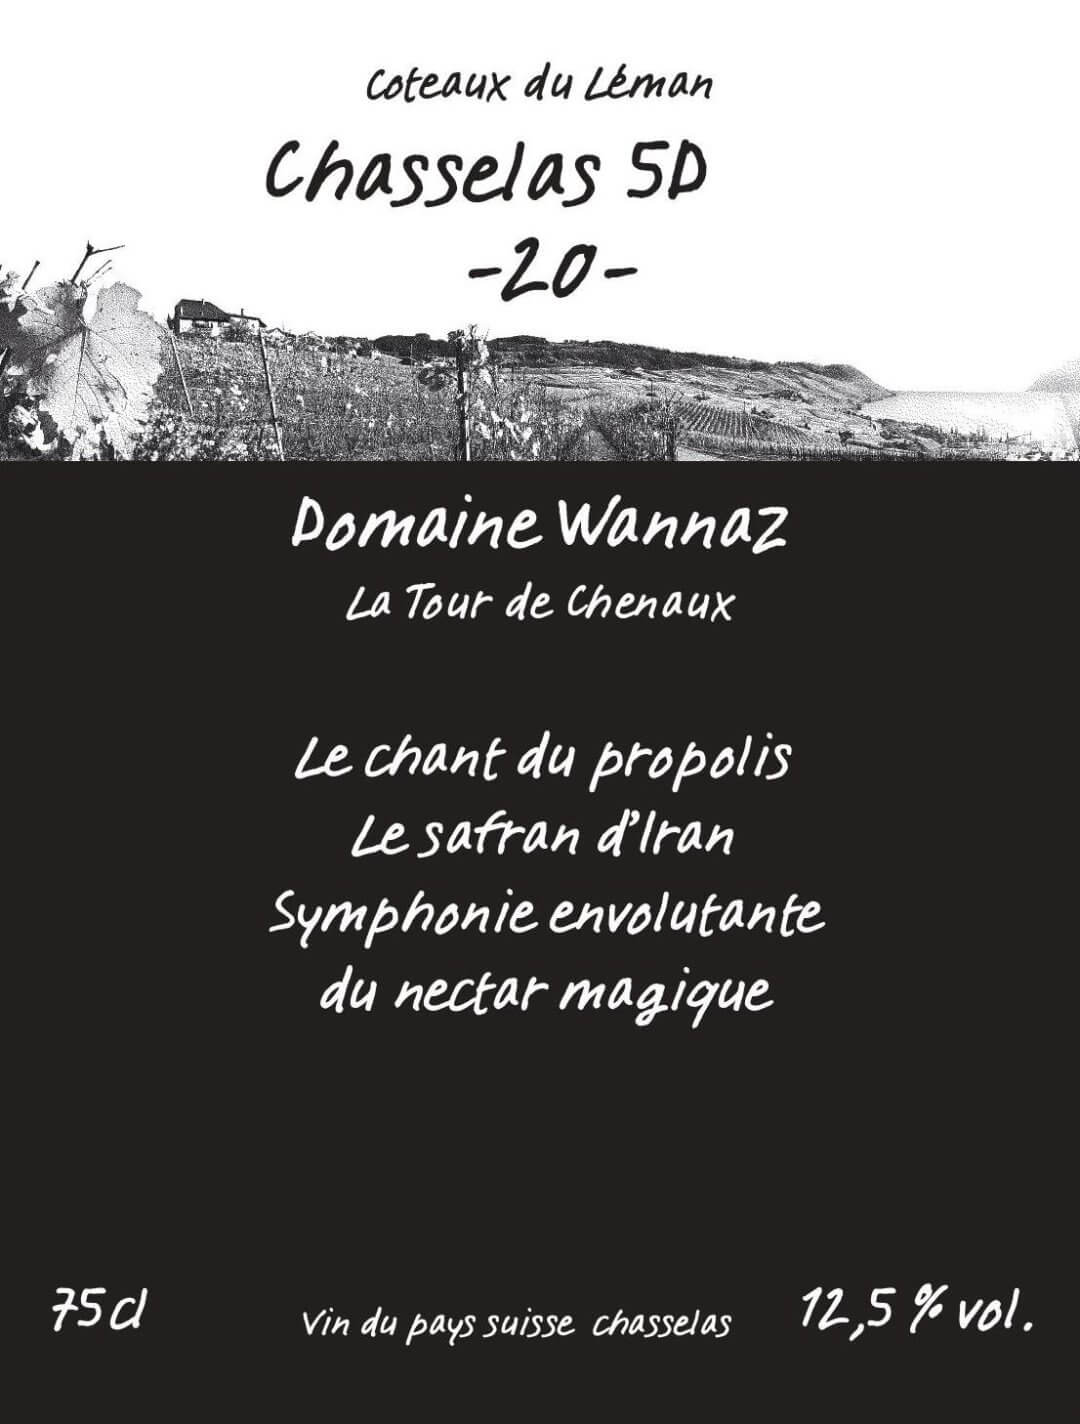 Chasselas 5D -20- (disponible prochainement)